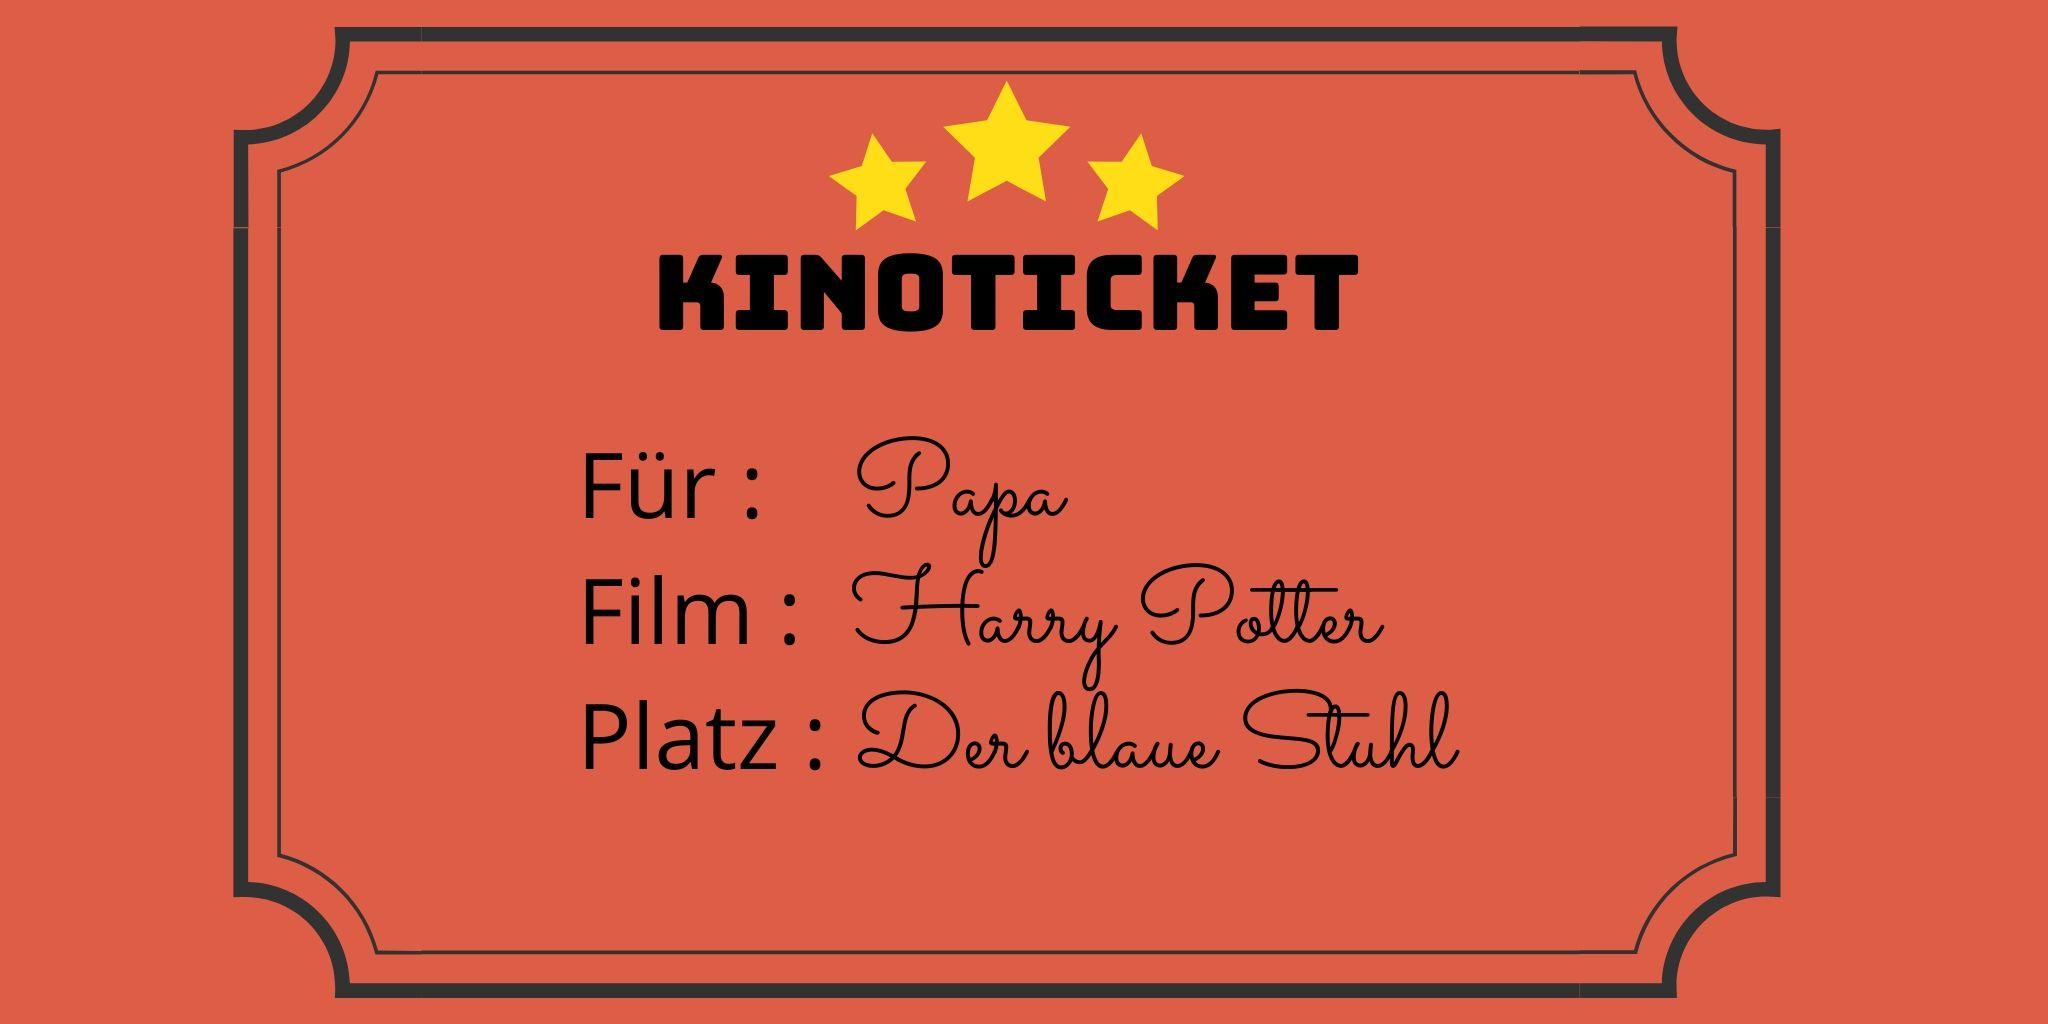 Kinoticket